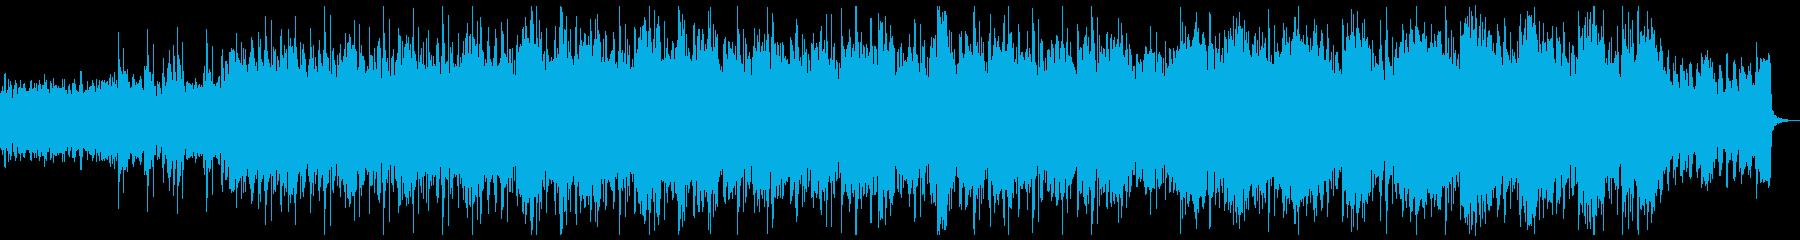 トランス テクノ エレクトロ疾走感バトルの再生済みの波形